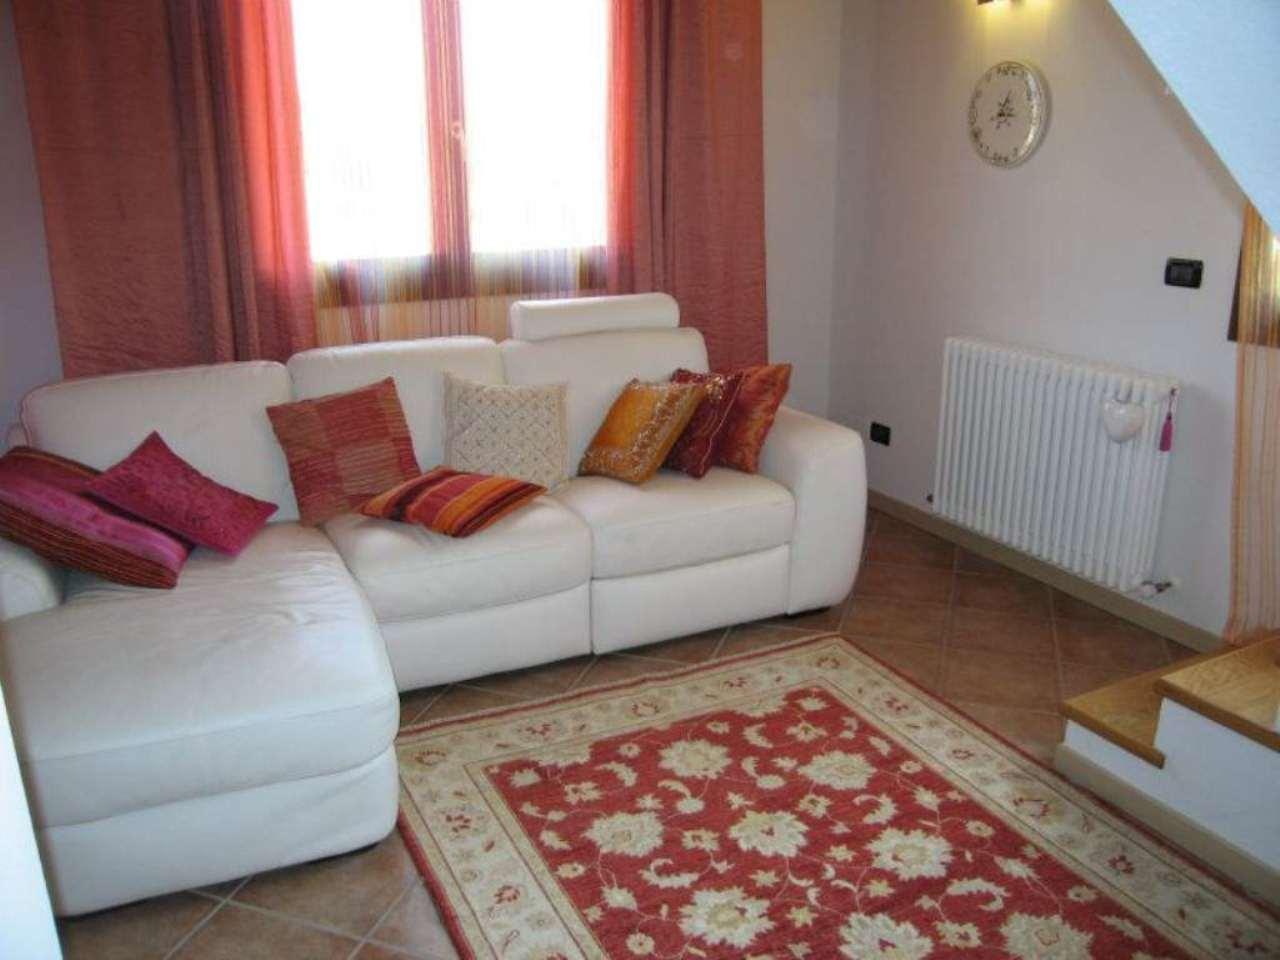 Appartamento in vendita a San Giovanni in Persiceto, 3 locali, prezzo € 160.000 | Cambio Casa.it